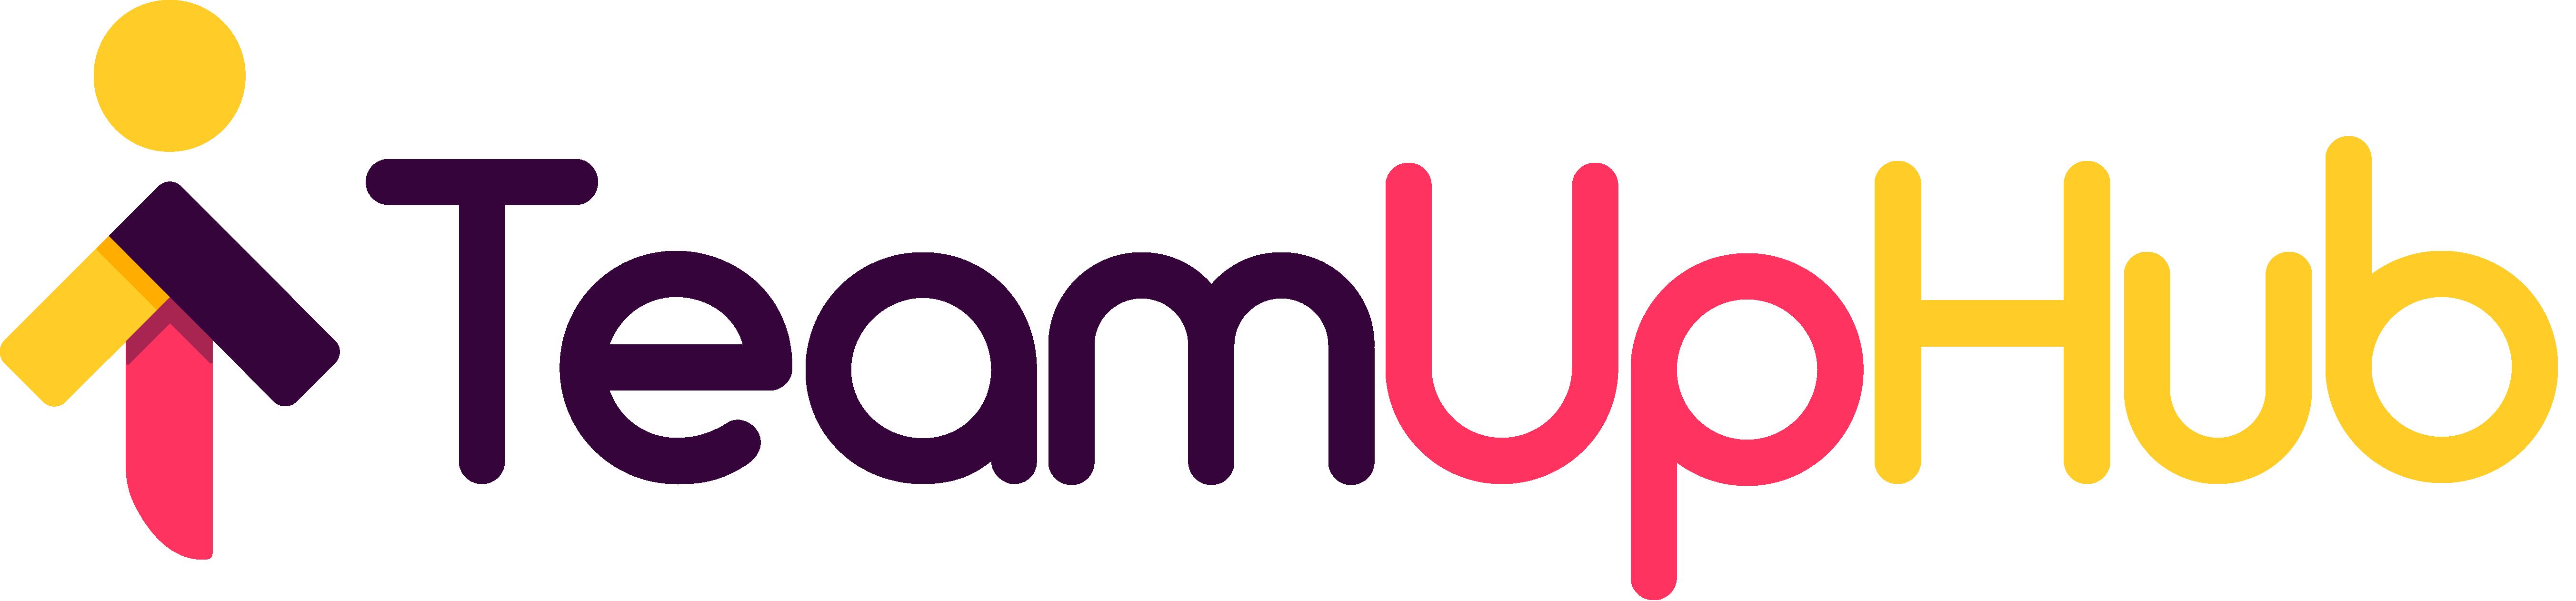 TeamUpHub's logo.